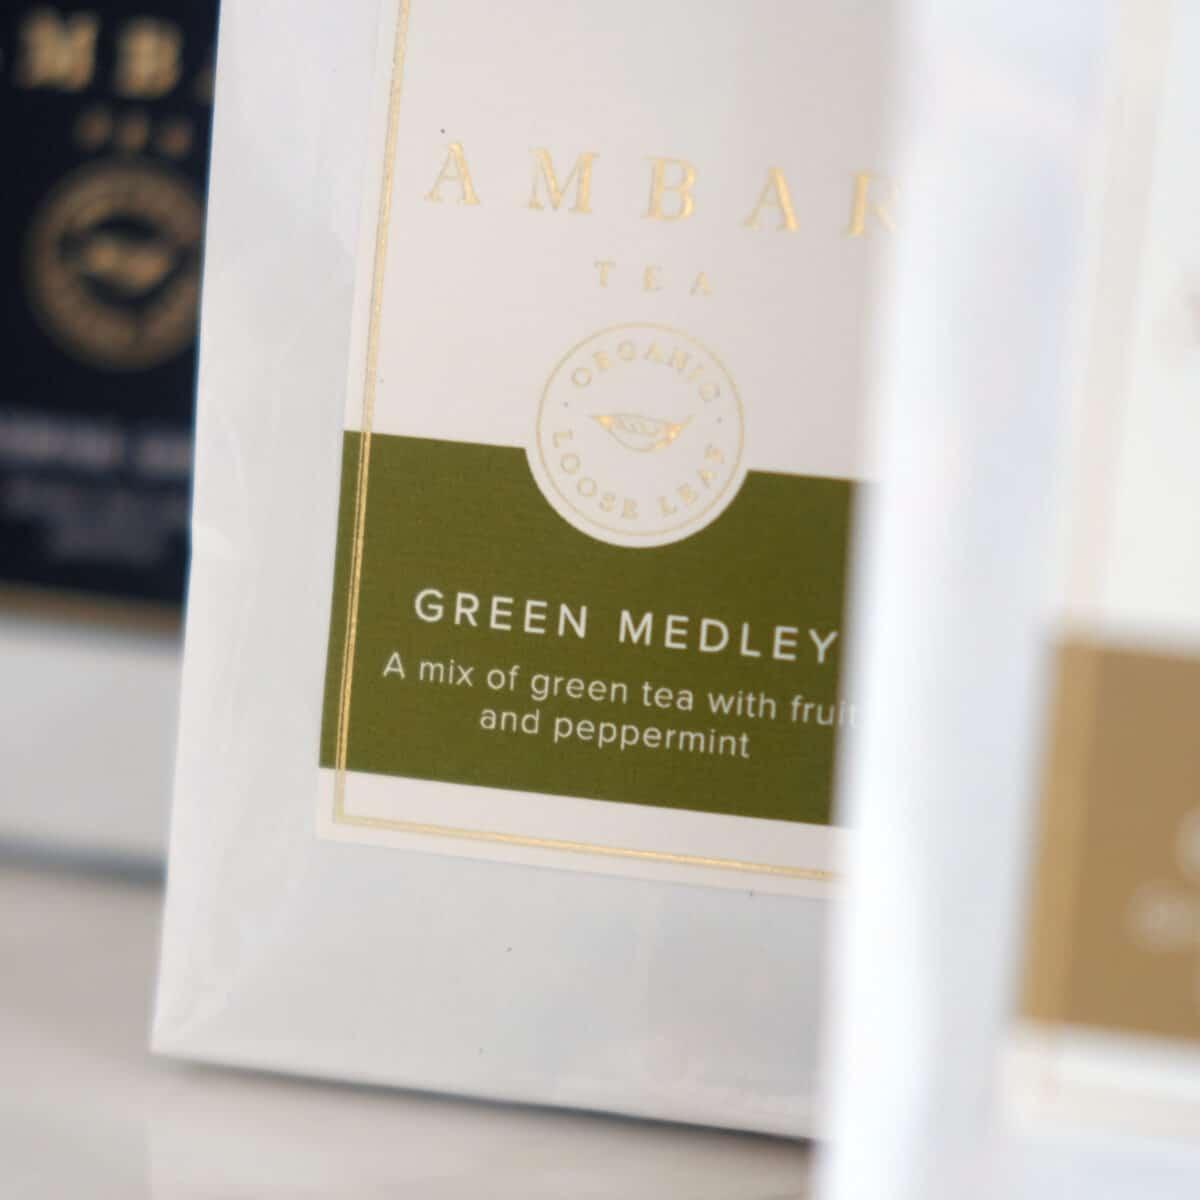 Green medley